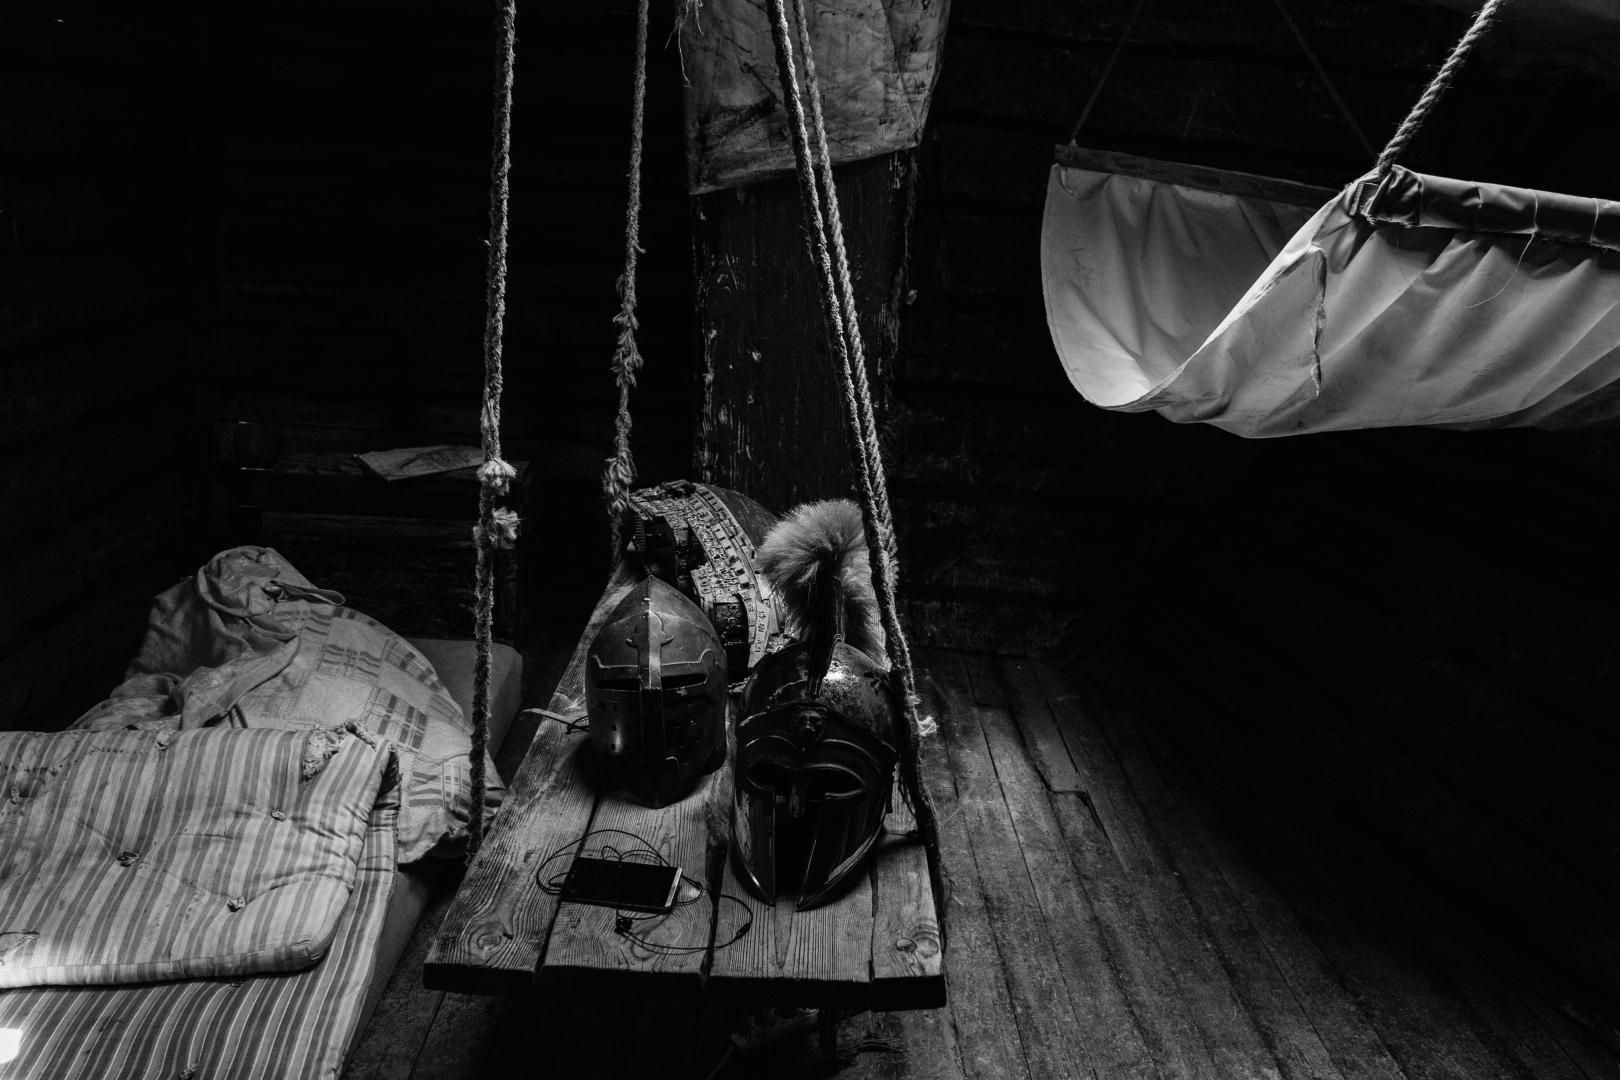 Изначально корабль планировалось строить у берегов Латинской Америки, но после включения Крыма в состав России, была выбрана бухта Бугаз, под Судаком